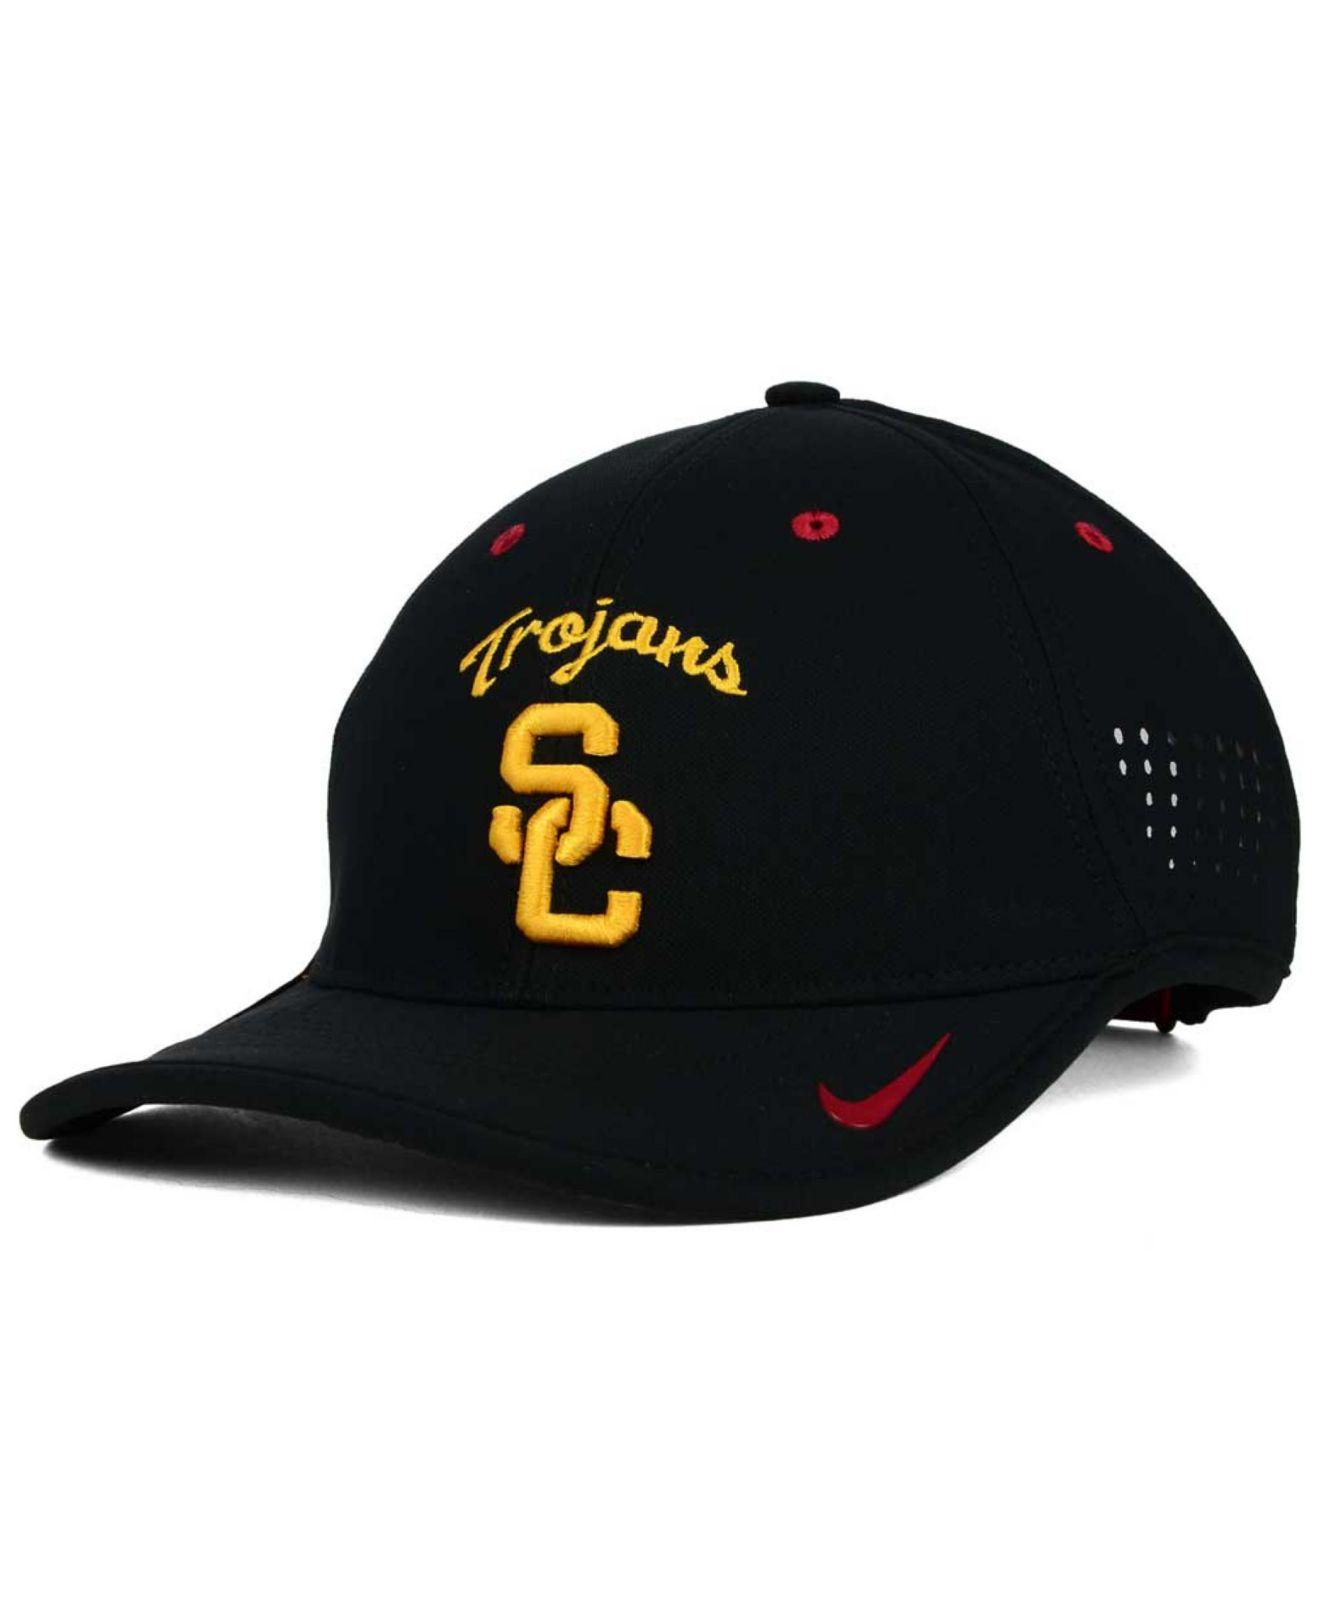 051ca281405bf Nike Usc Trojans Dri-Fit Coaches Cap in Black for Men - Lyst